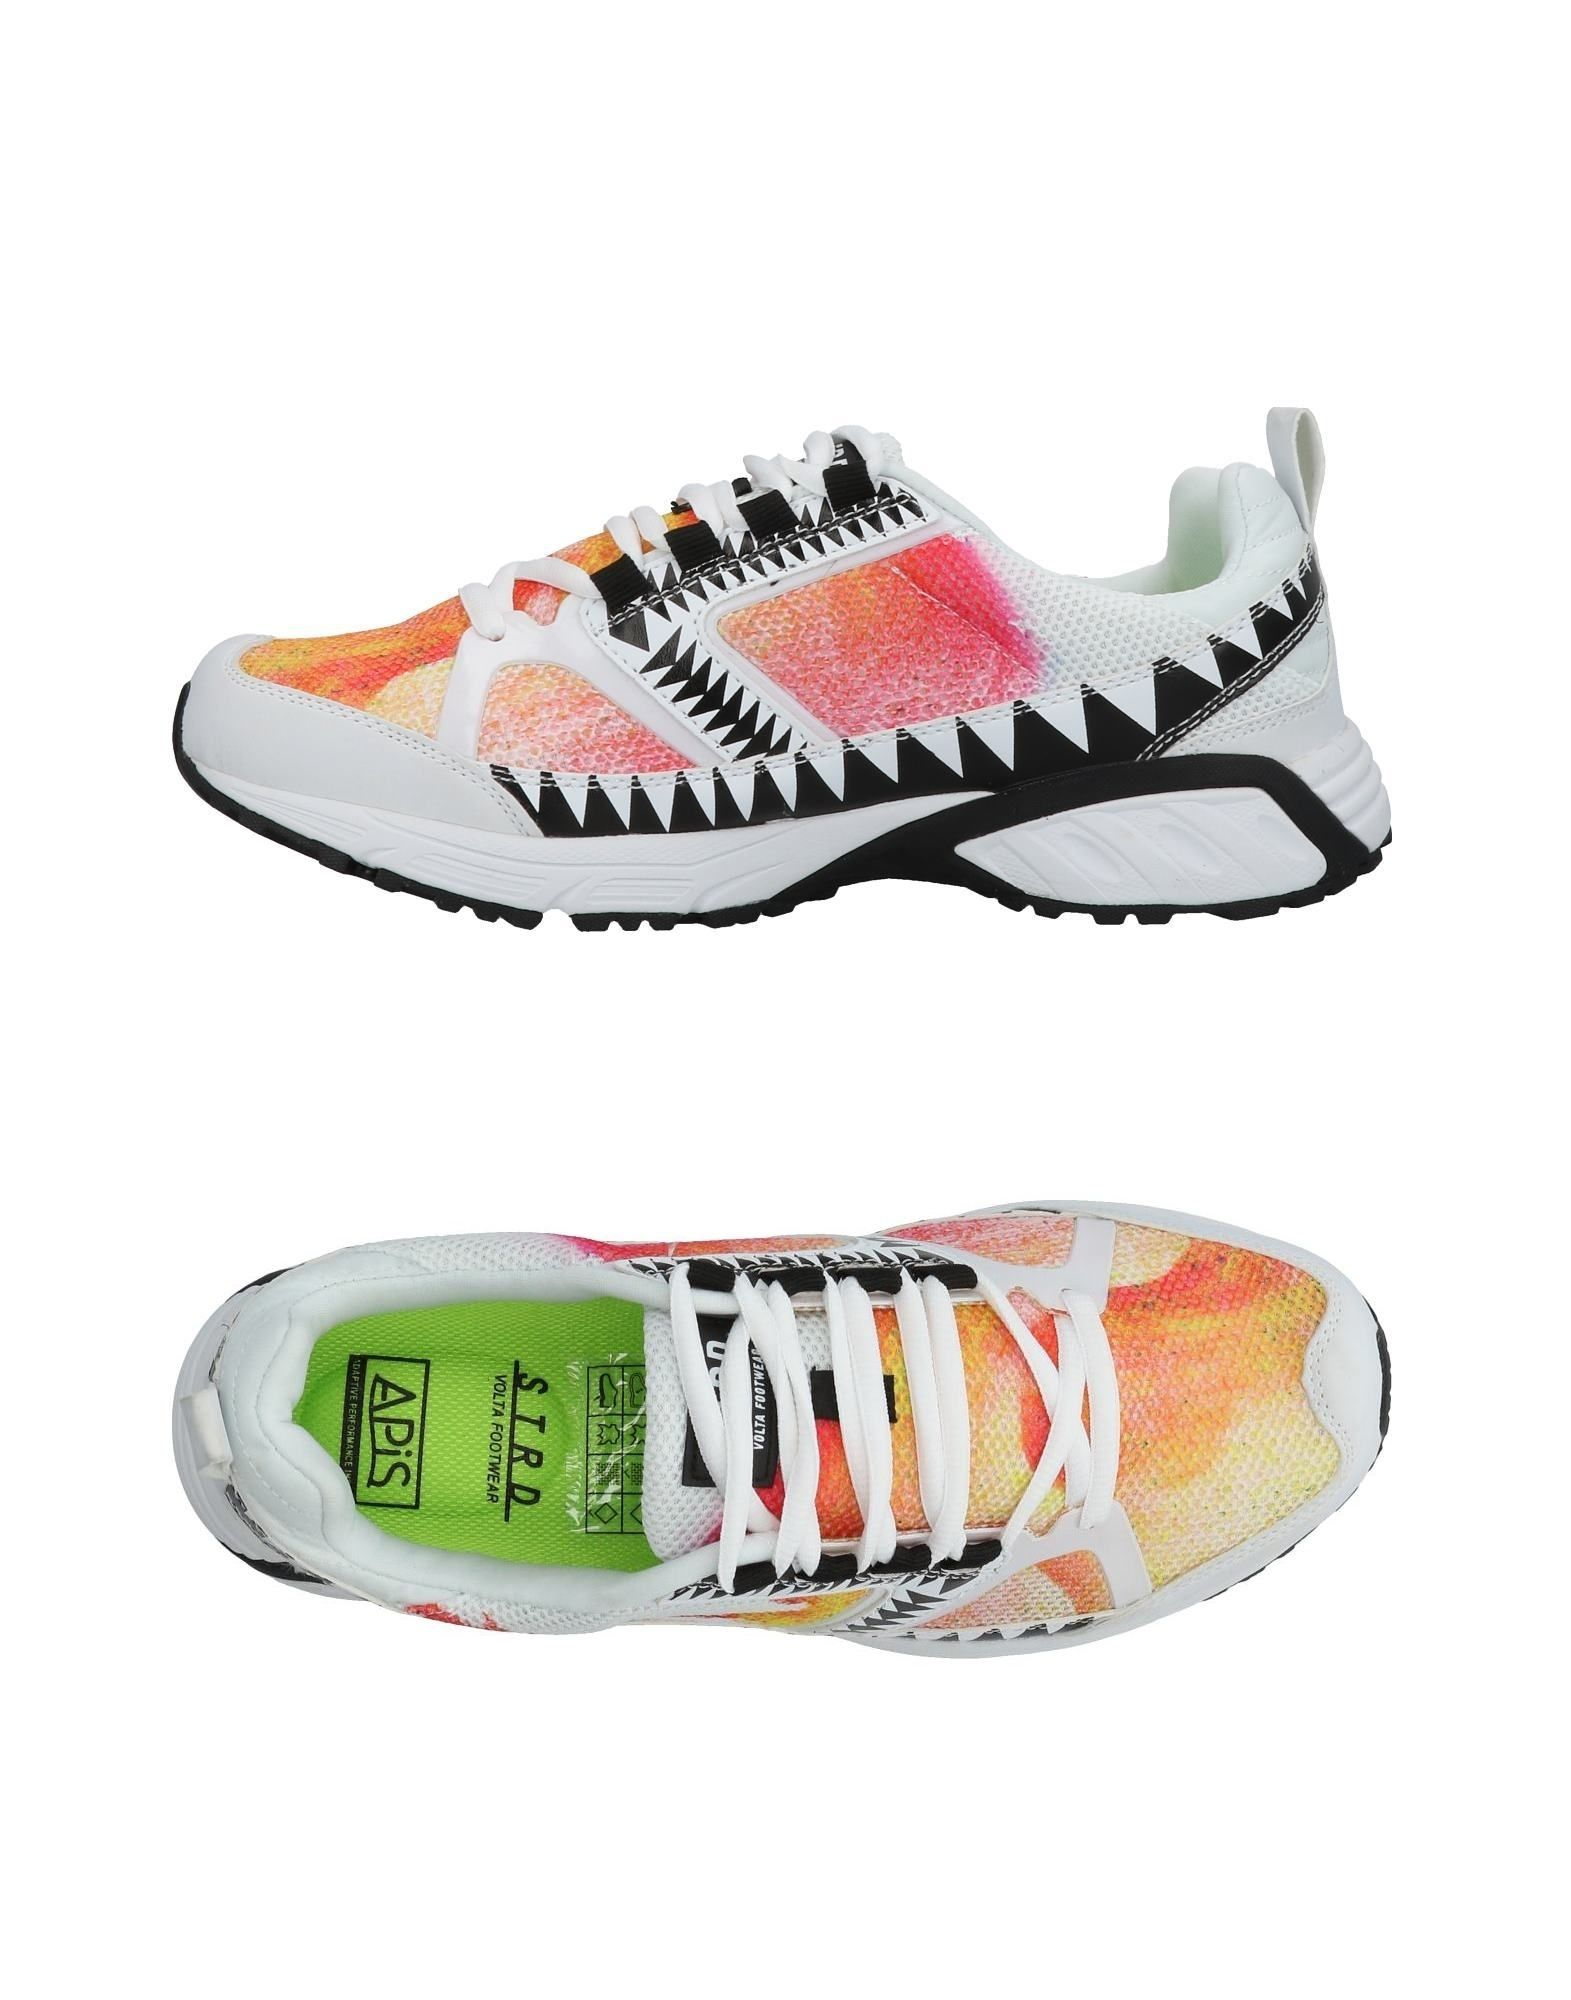 Scarpe da Footwear Ginnastica Strd By Volta Footwear da Uomo - 11433401RI d36c6f